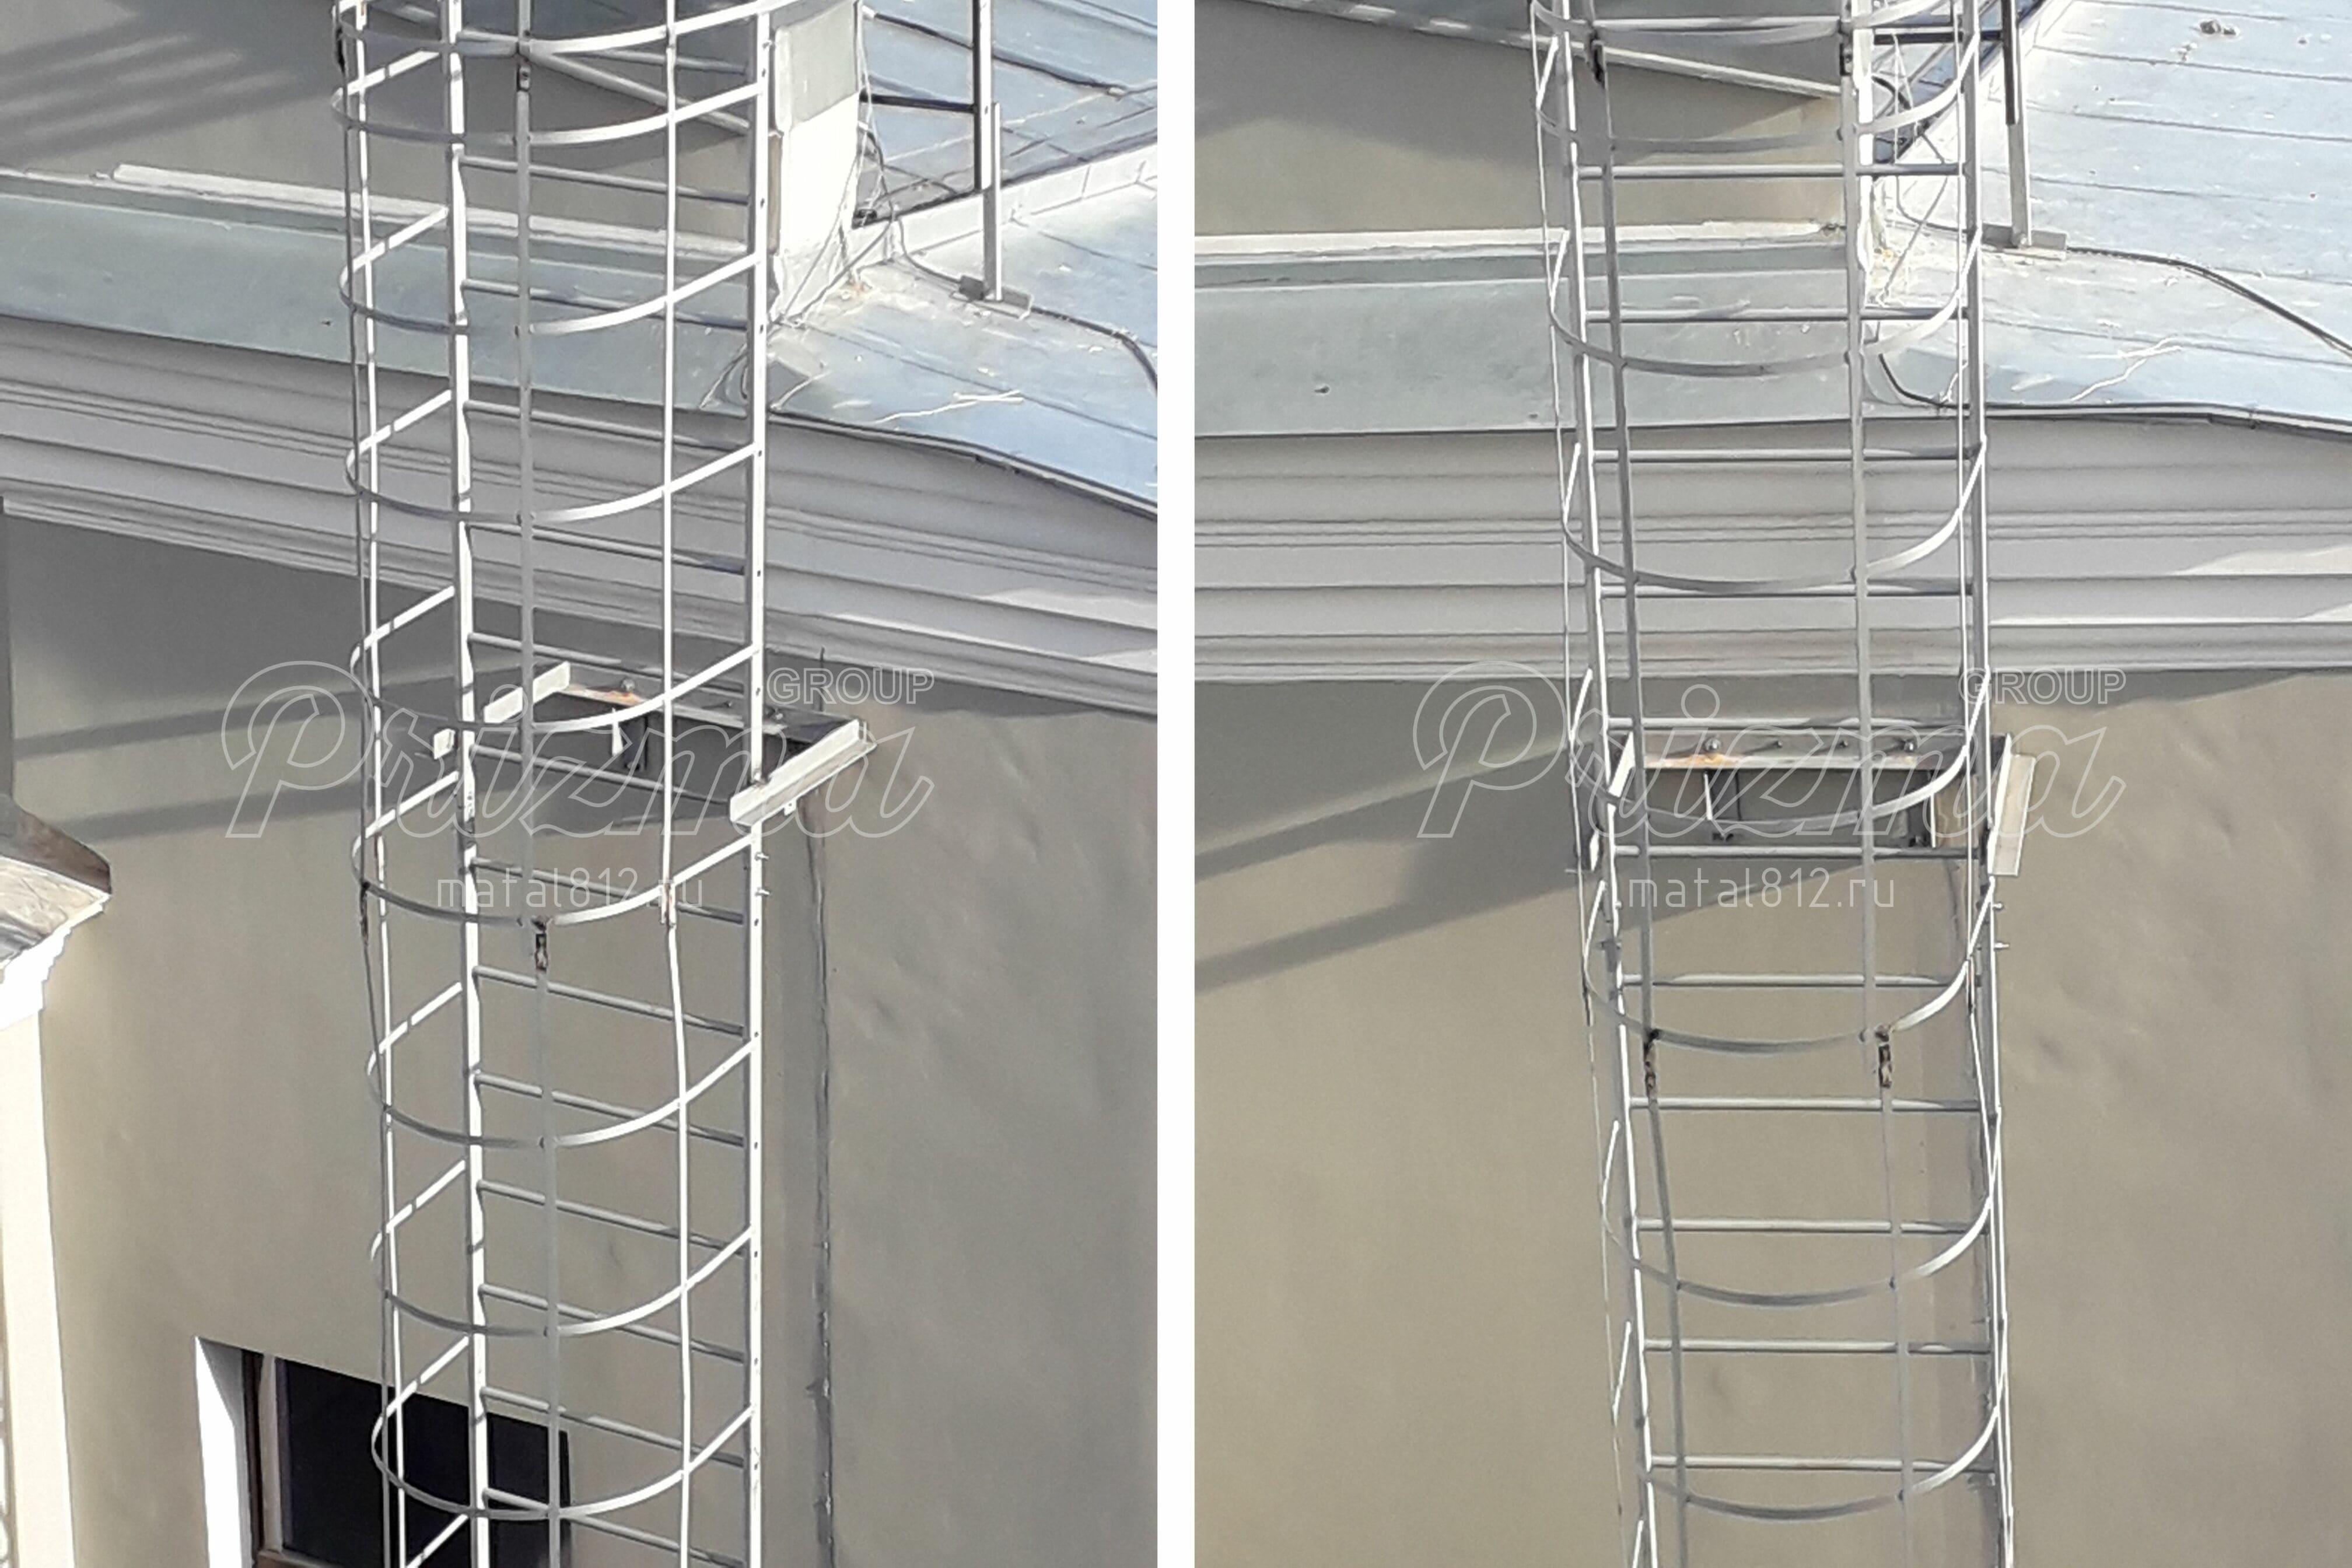 Ограждение пожарных лестниц оцинкованное